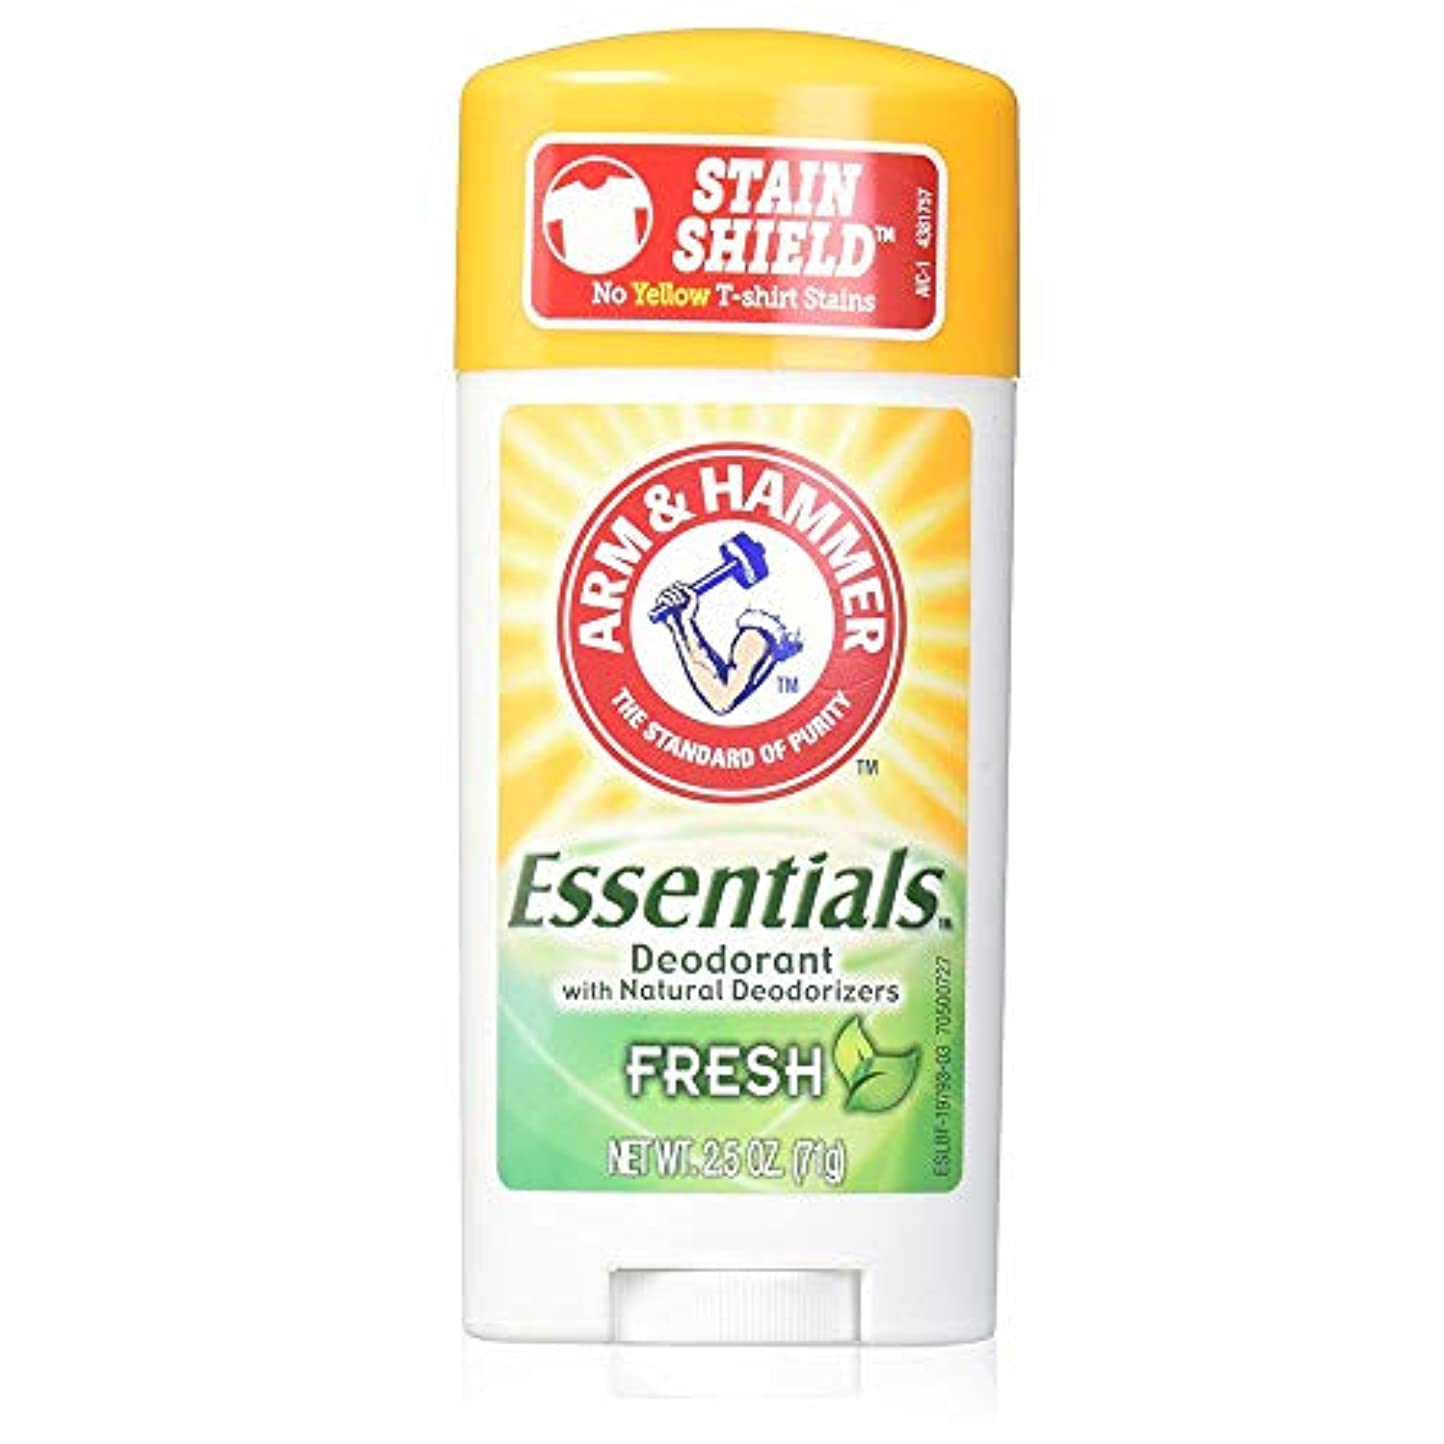 のために周囲かけがえのないアーム&ハマー デオドラント【フレッシュ】制汗剤【お風呂上がりの香り】Arm & Hammer Essentials Natural Deodorant Fresh 71?[並行輸入品]